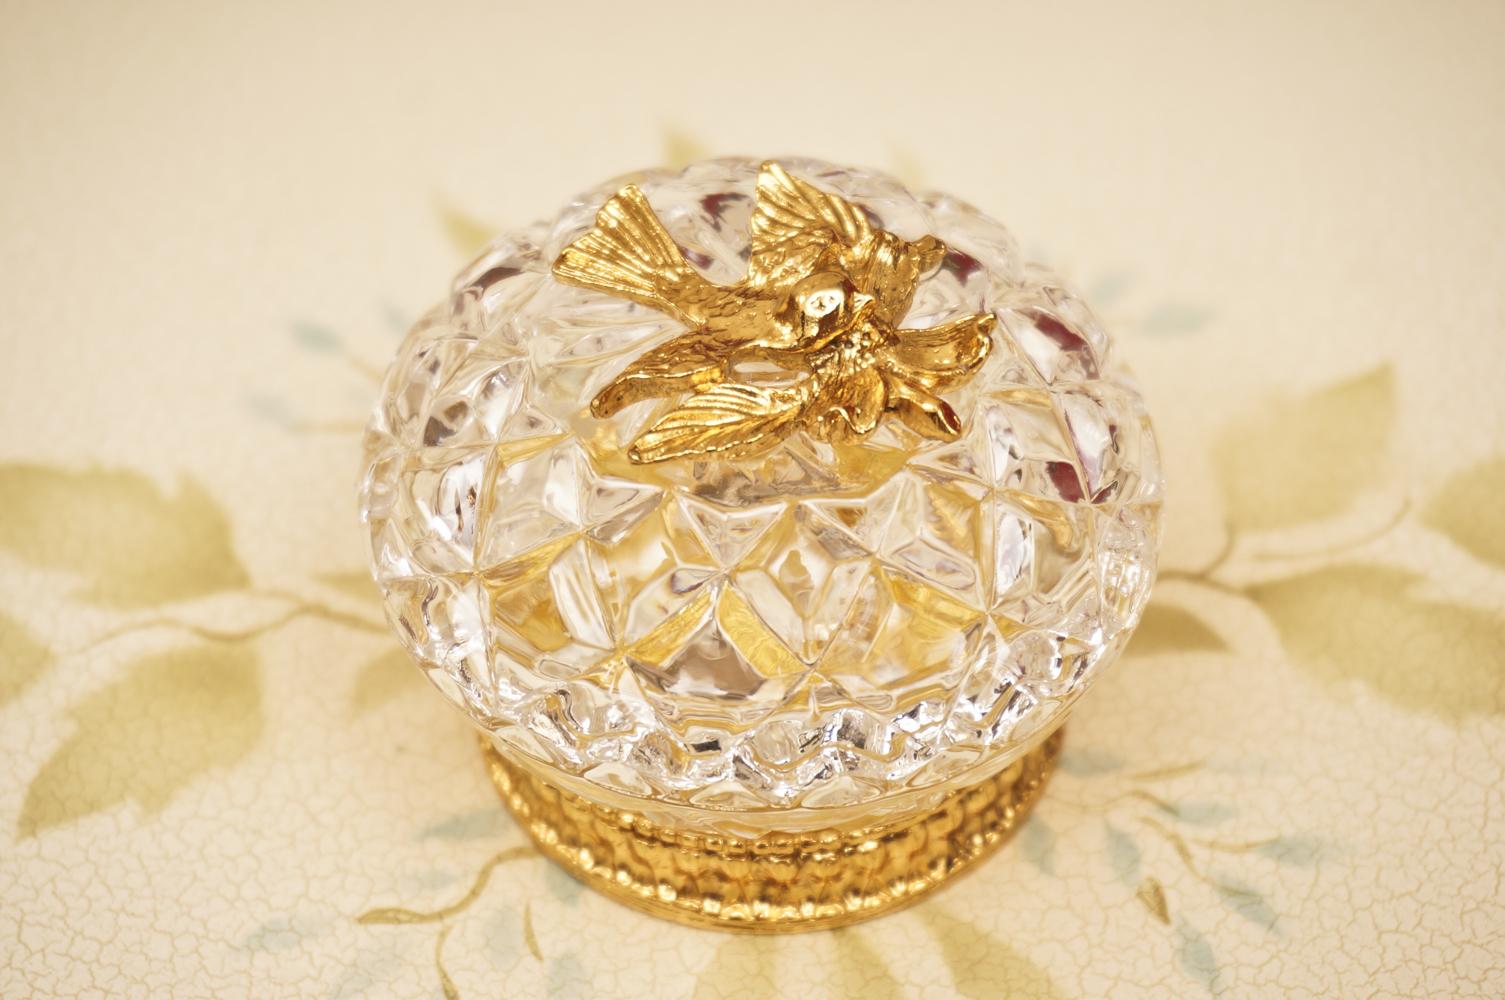 Sold:スタイルビルト製 ゴールド 小鳥とハナミズキ 小物入れ